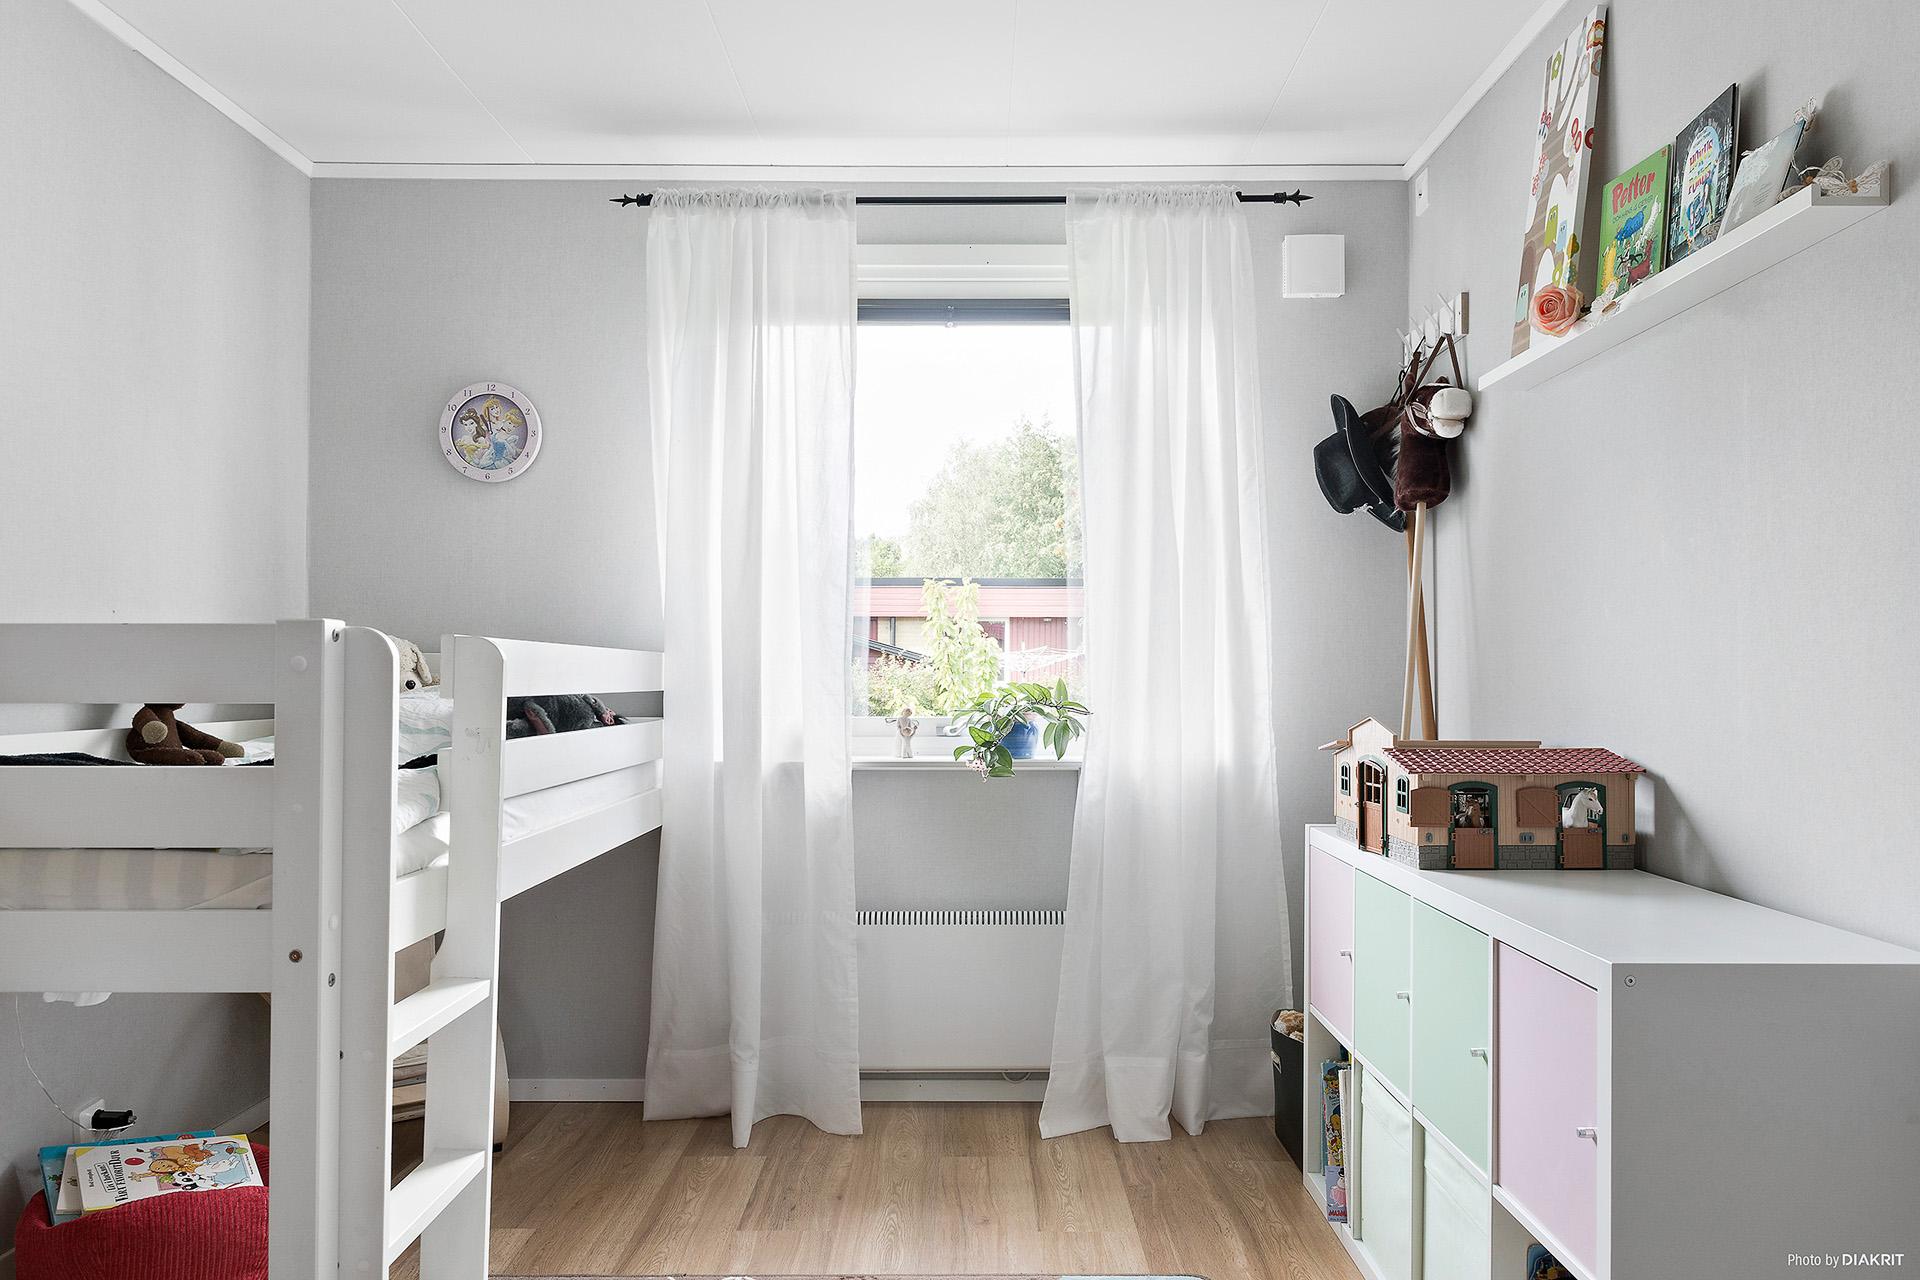 Sovrum 2 med ljusa färger och material